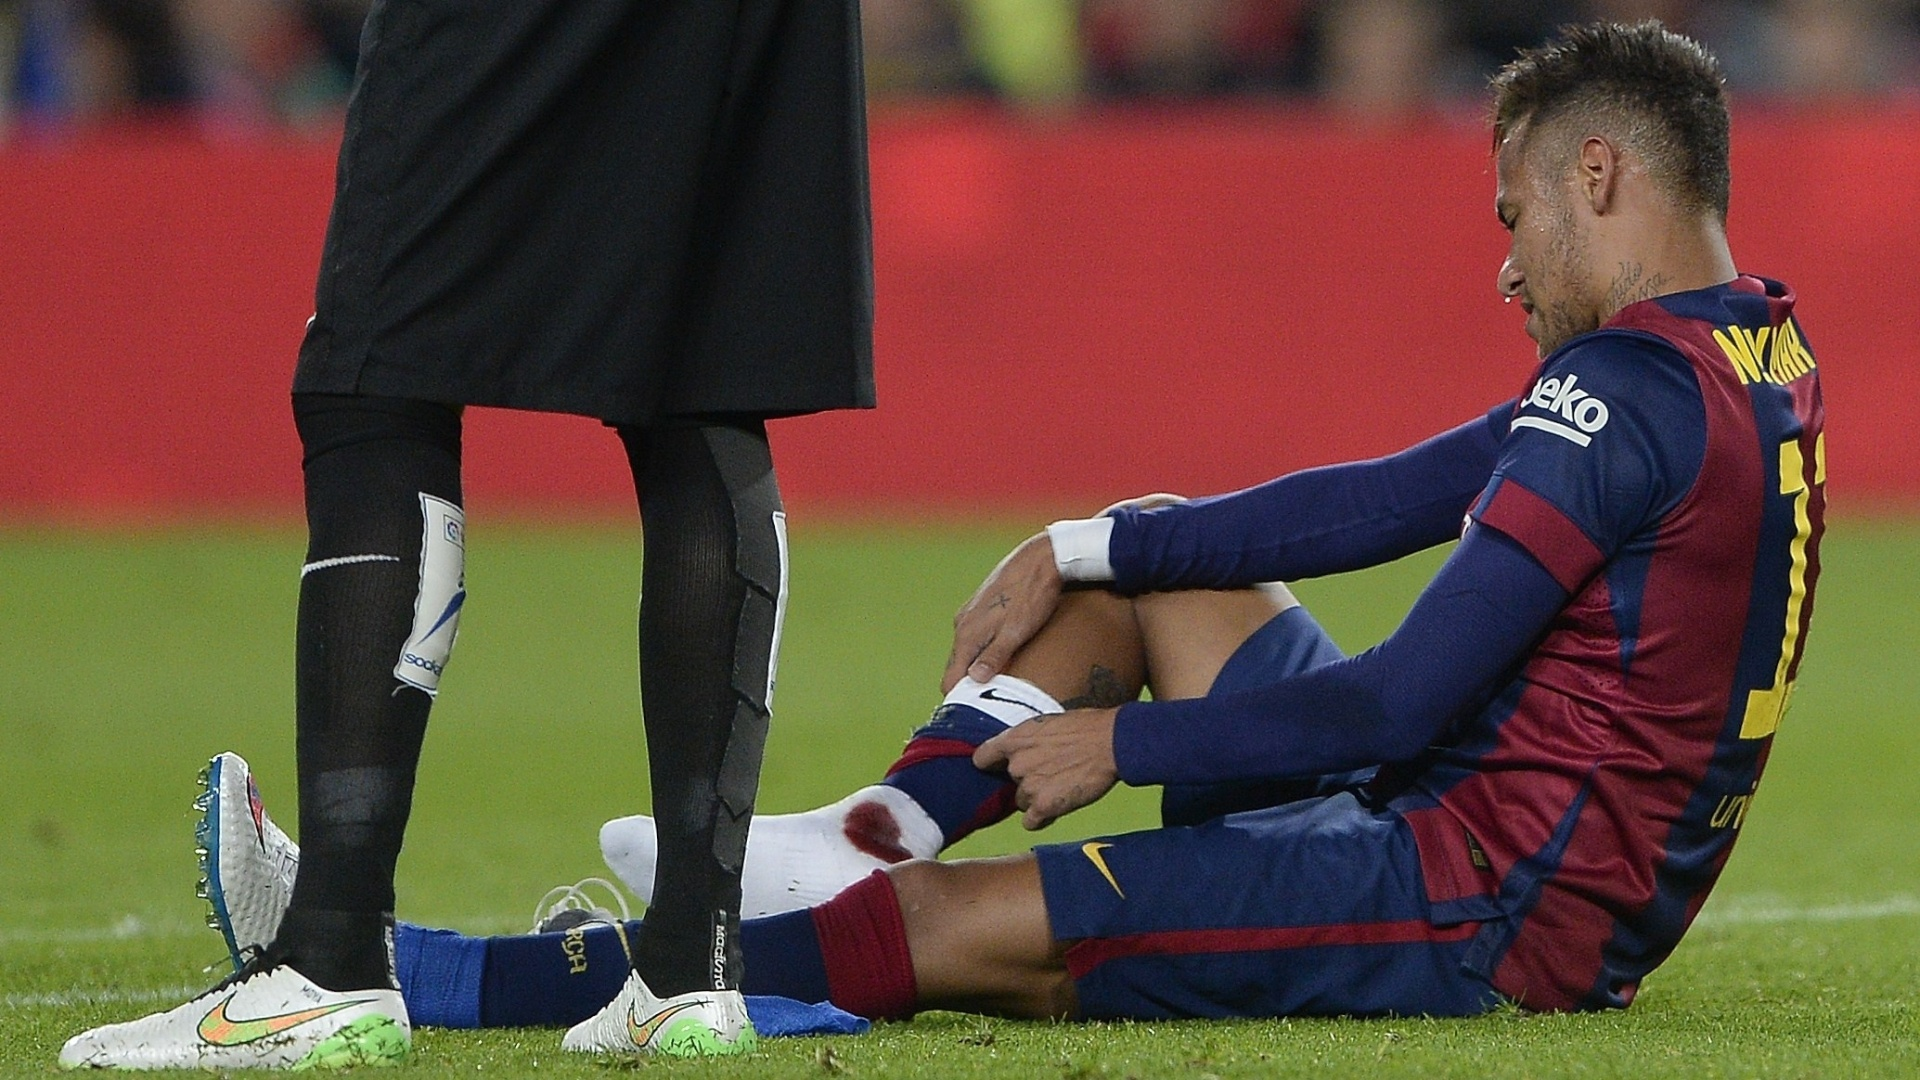 Neymar se machuca e precisa trocar o meião, ensanguentado, durante o 1ª tempo do jogo entre Barcelona e Atlético de Madri